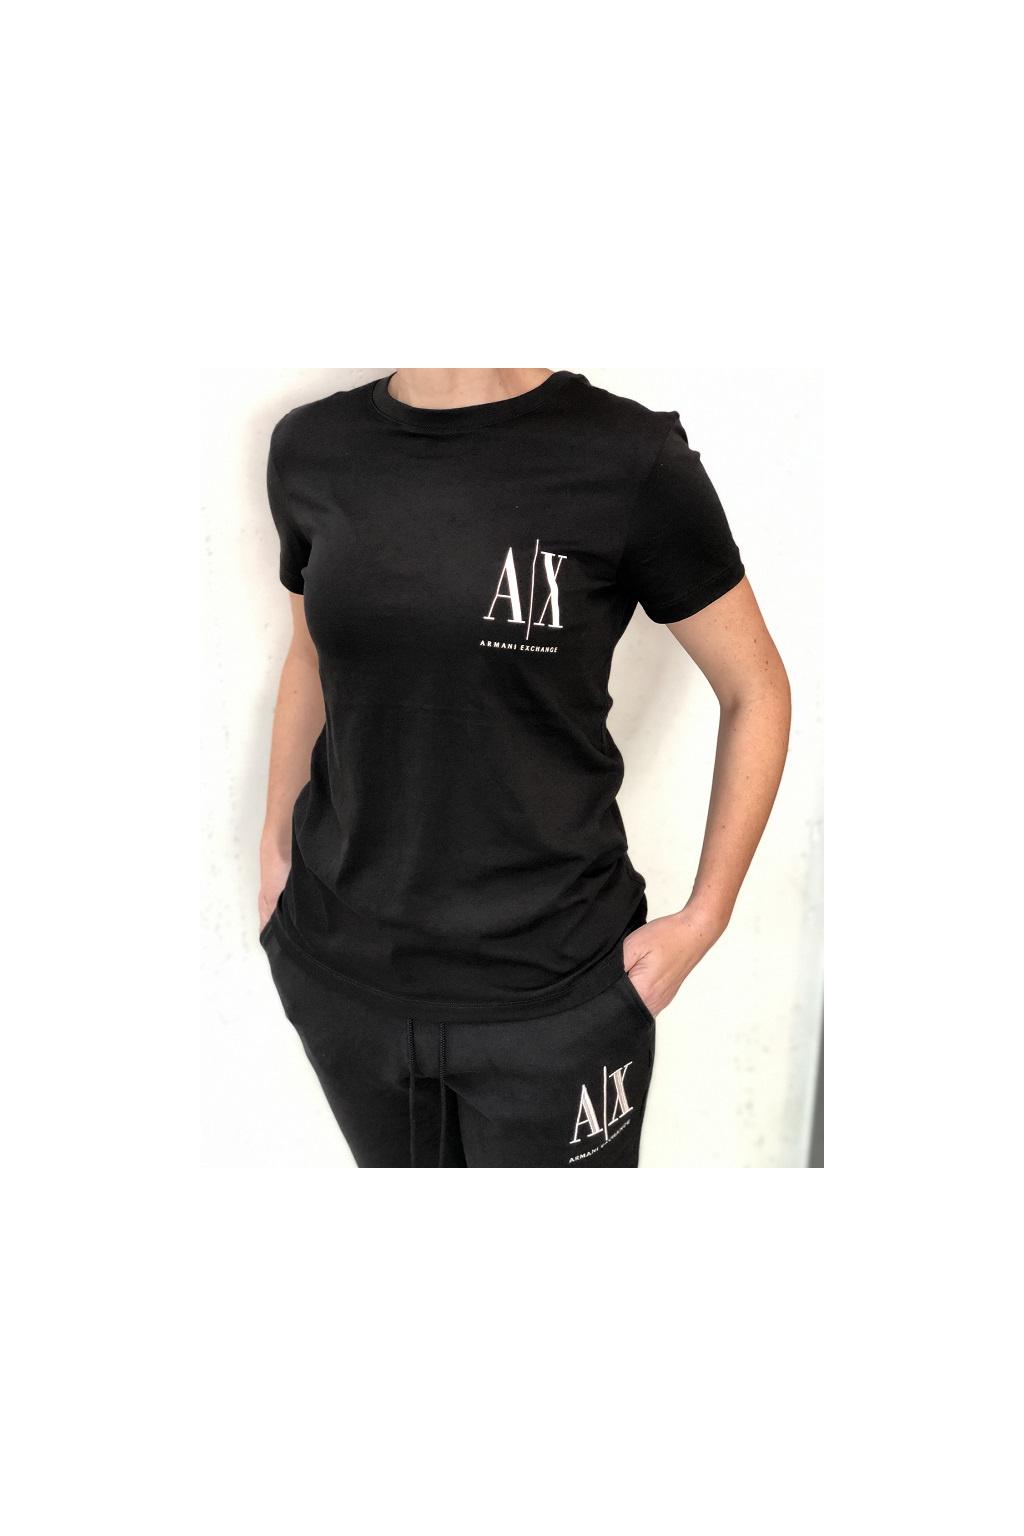 8NYTFX YJG3Z 1200 Dámské tričko Armani Exchange černé